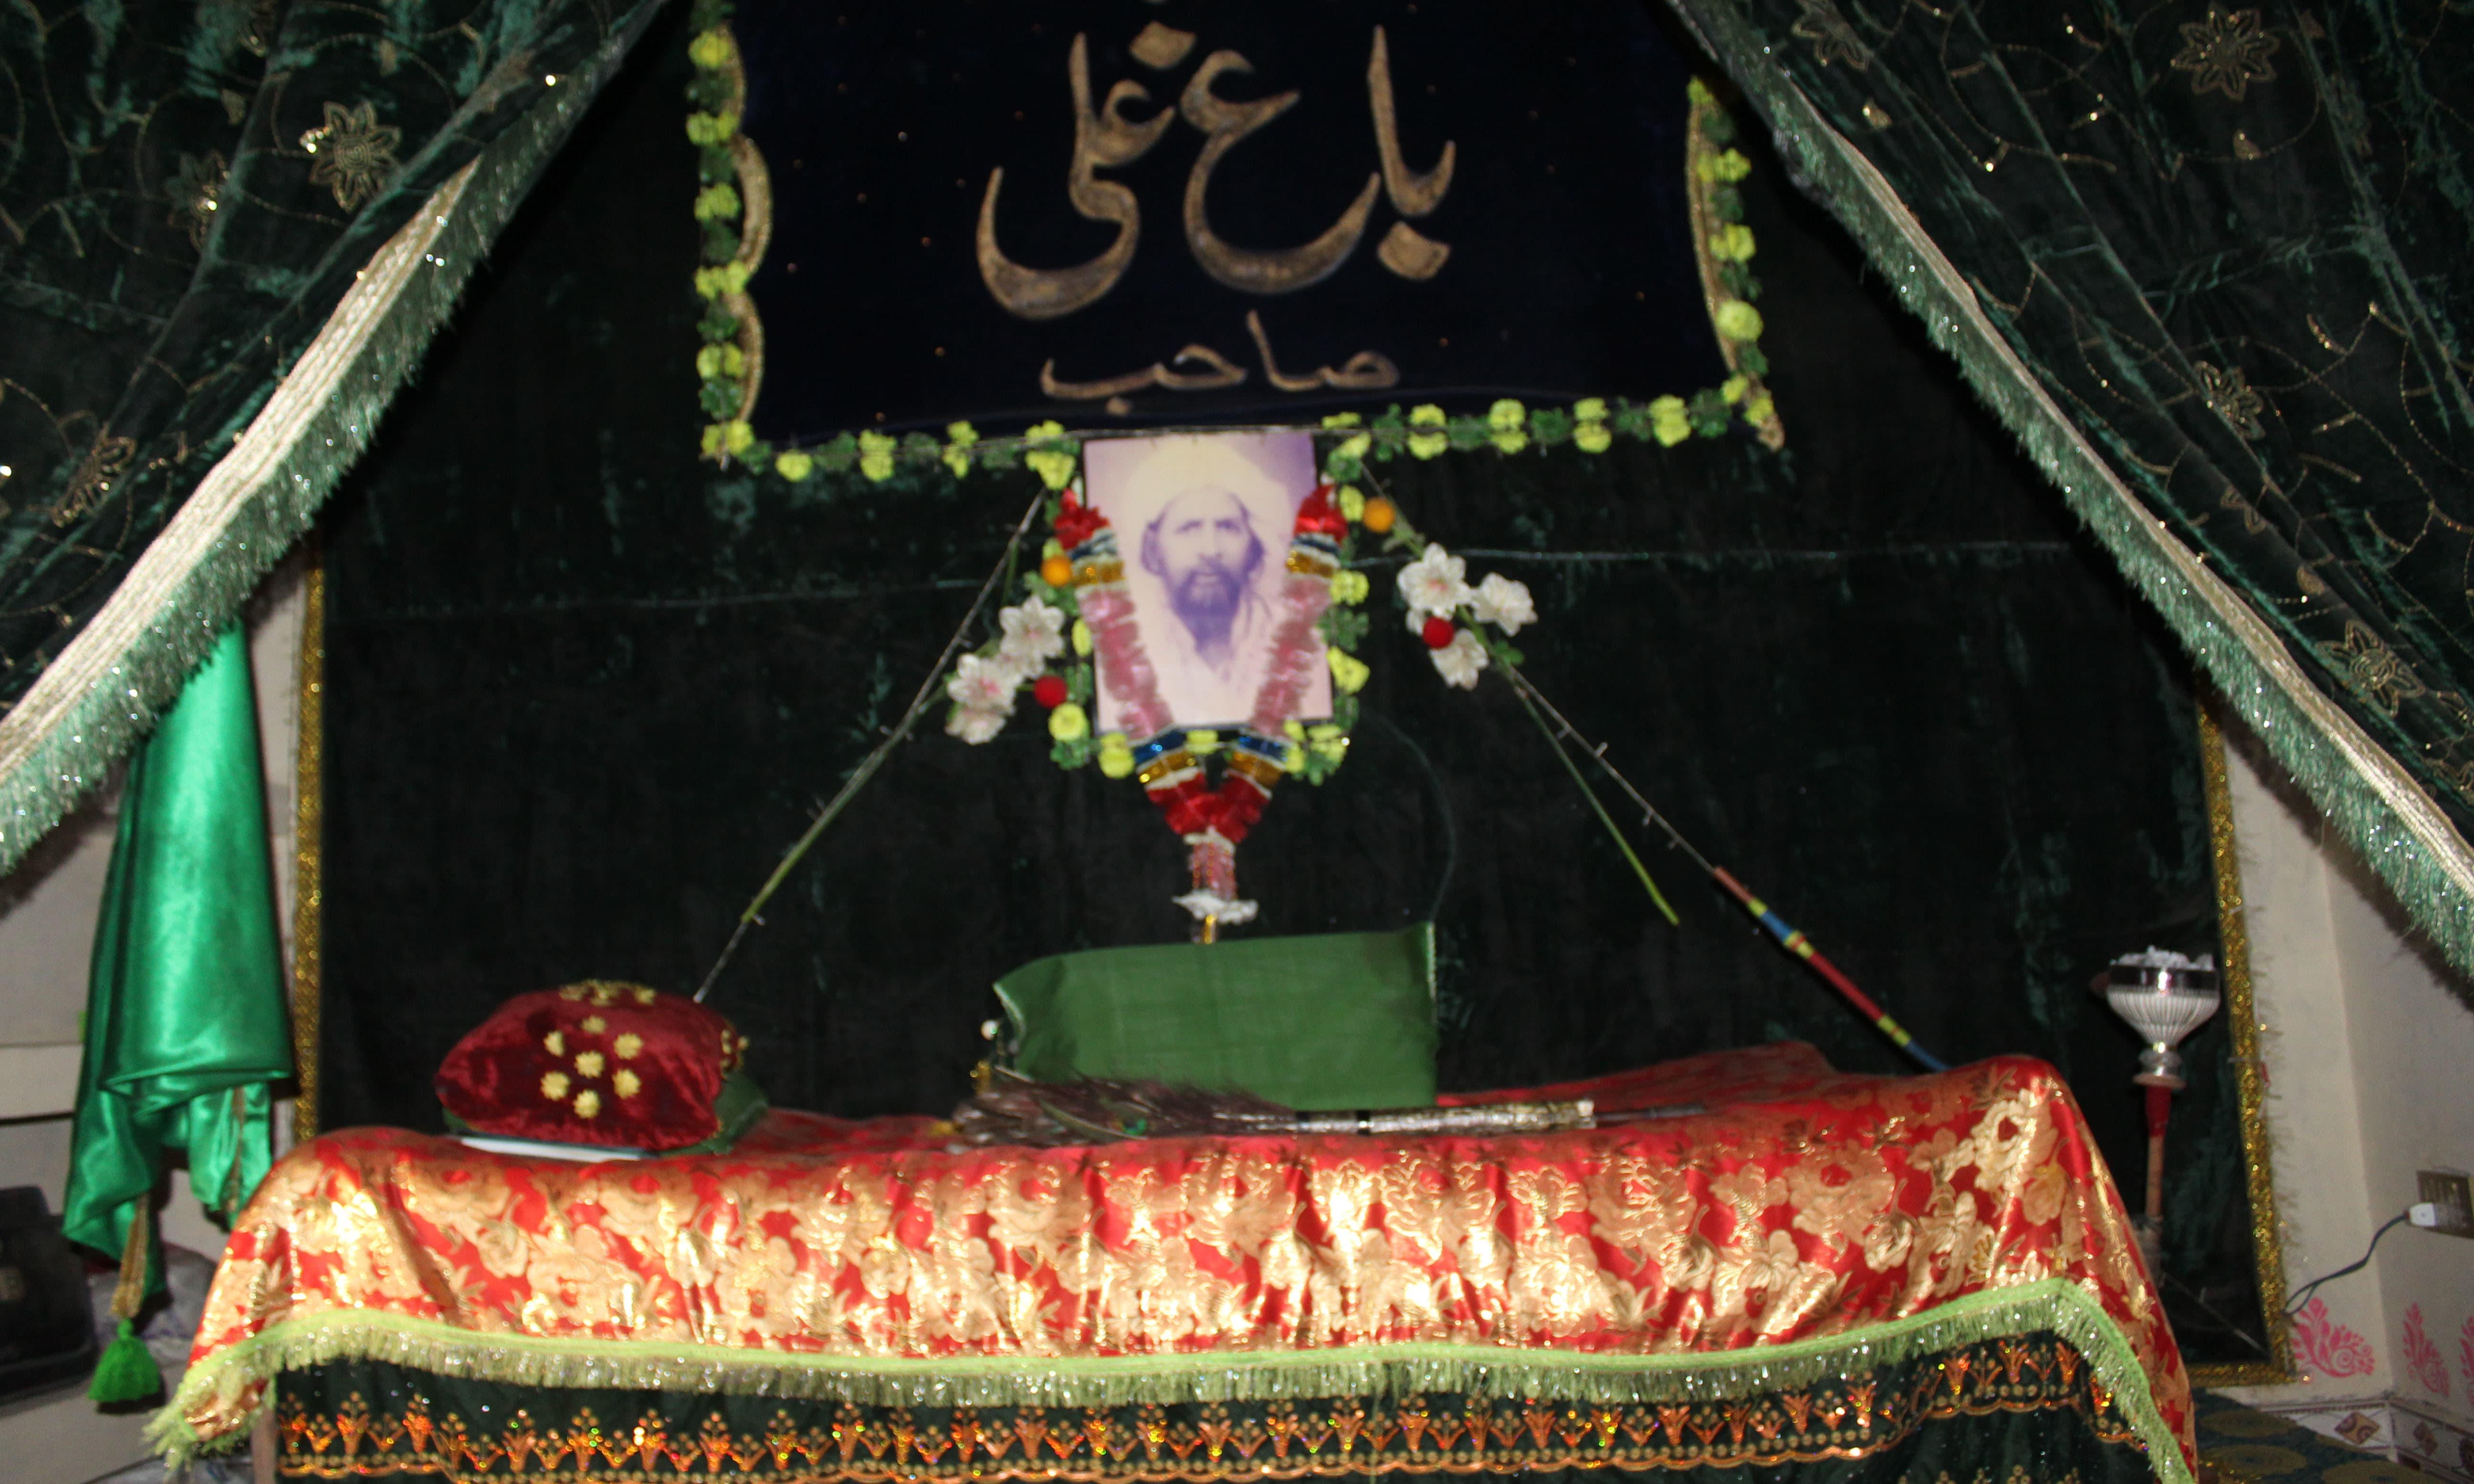 مسلمان یہ سمجھتے ہیں کہ پیر باغ علی مسلم تھے